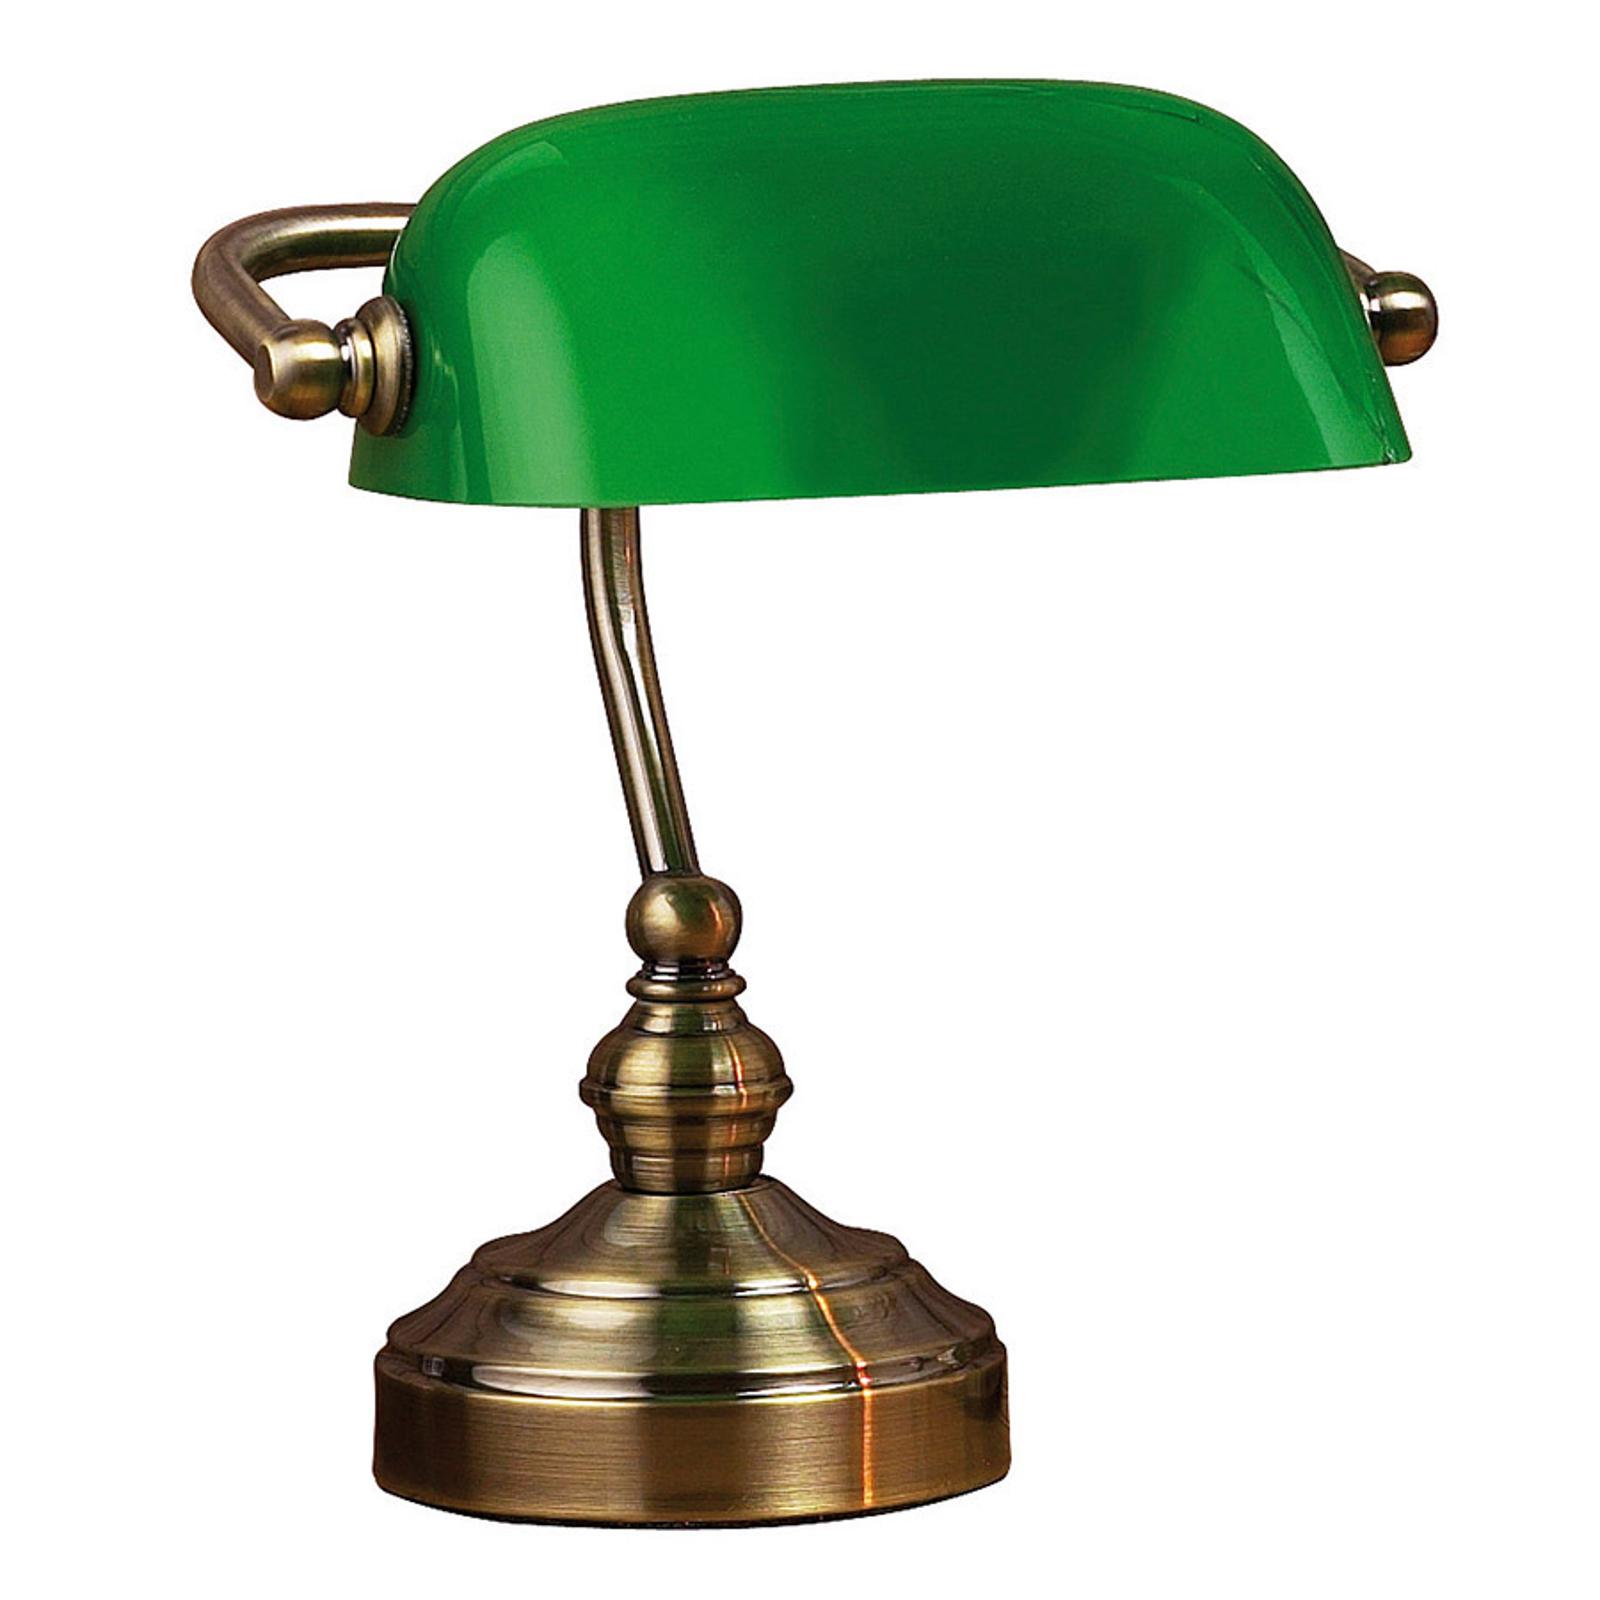 Bankers bordlampe, høyde 25 cm grønn